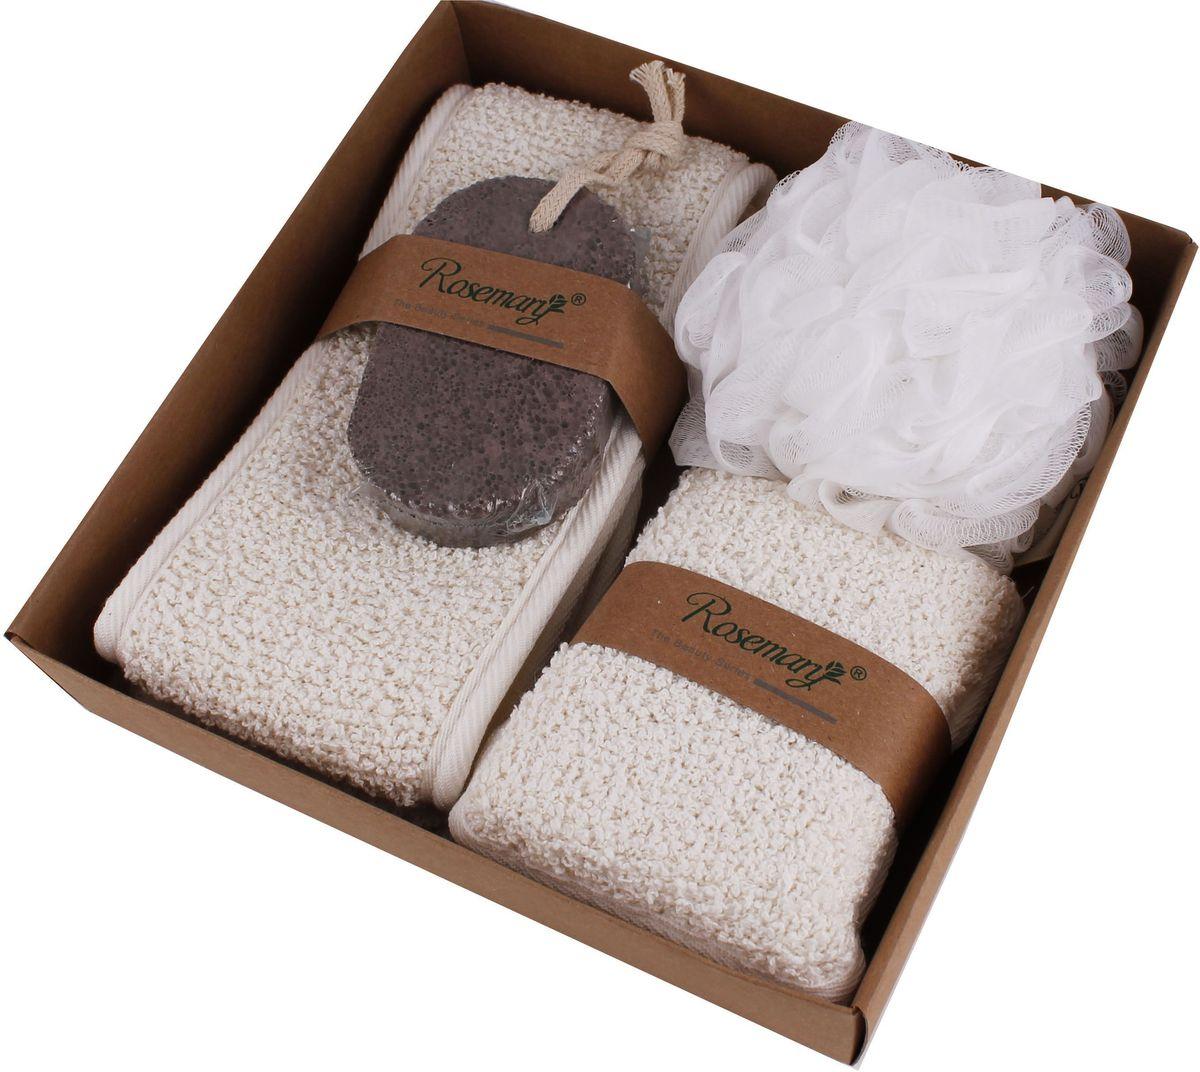 Набор банных аксессуаров Patricia, 4 предмета, цвет: белый, бежевый. IM99-1344 емкости неполимерные patricia банка 17 см шт